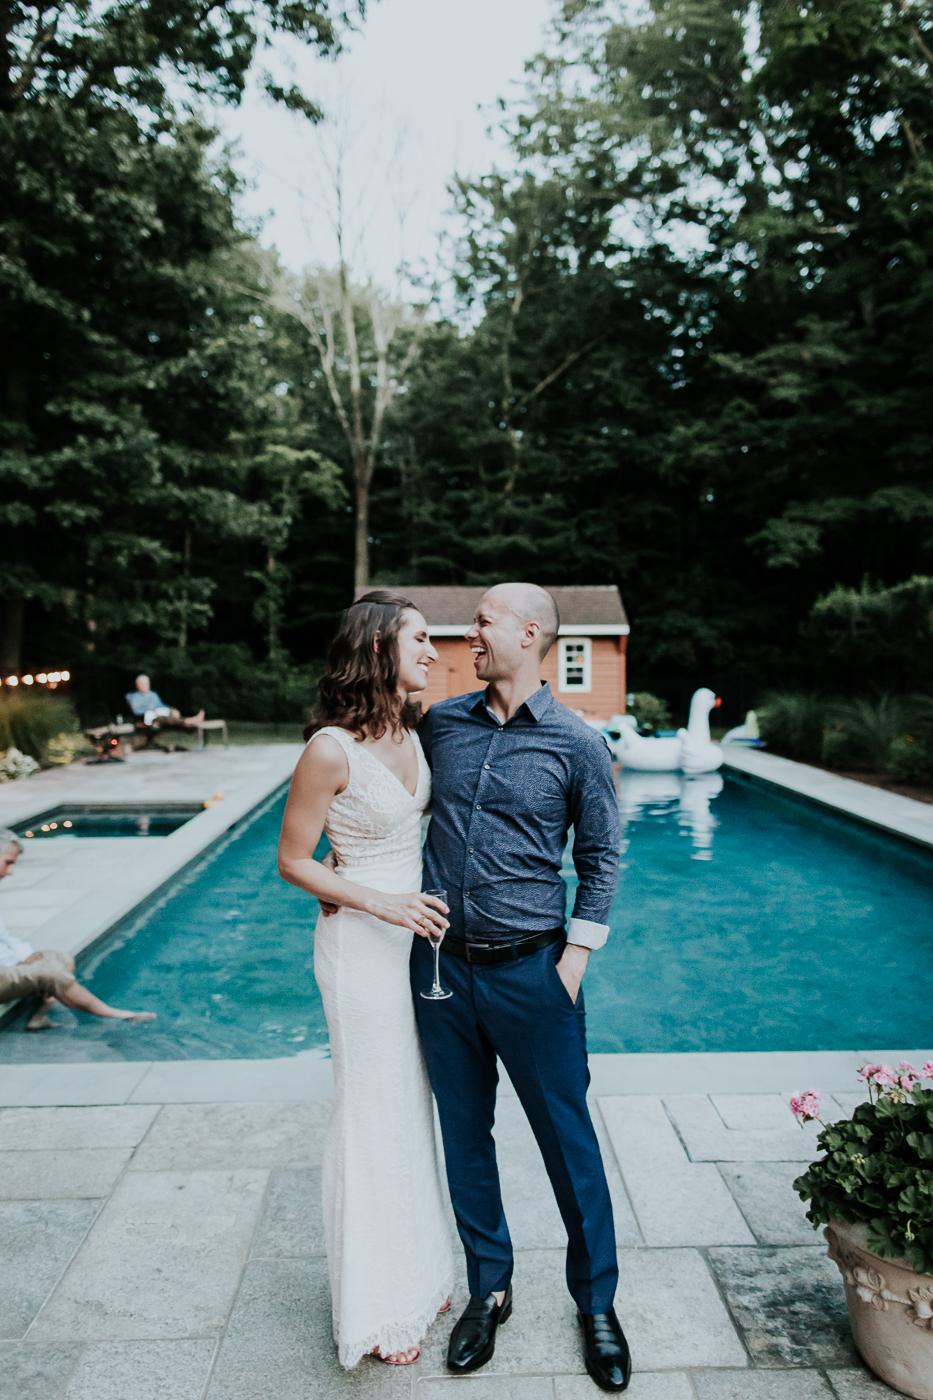 Westchester-New-York-Intimate-Backyard-Garden-Documentary-Wedding-Photographer-38.jpg